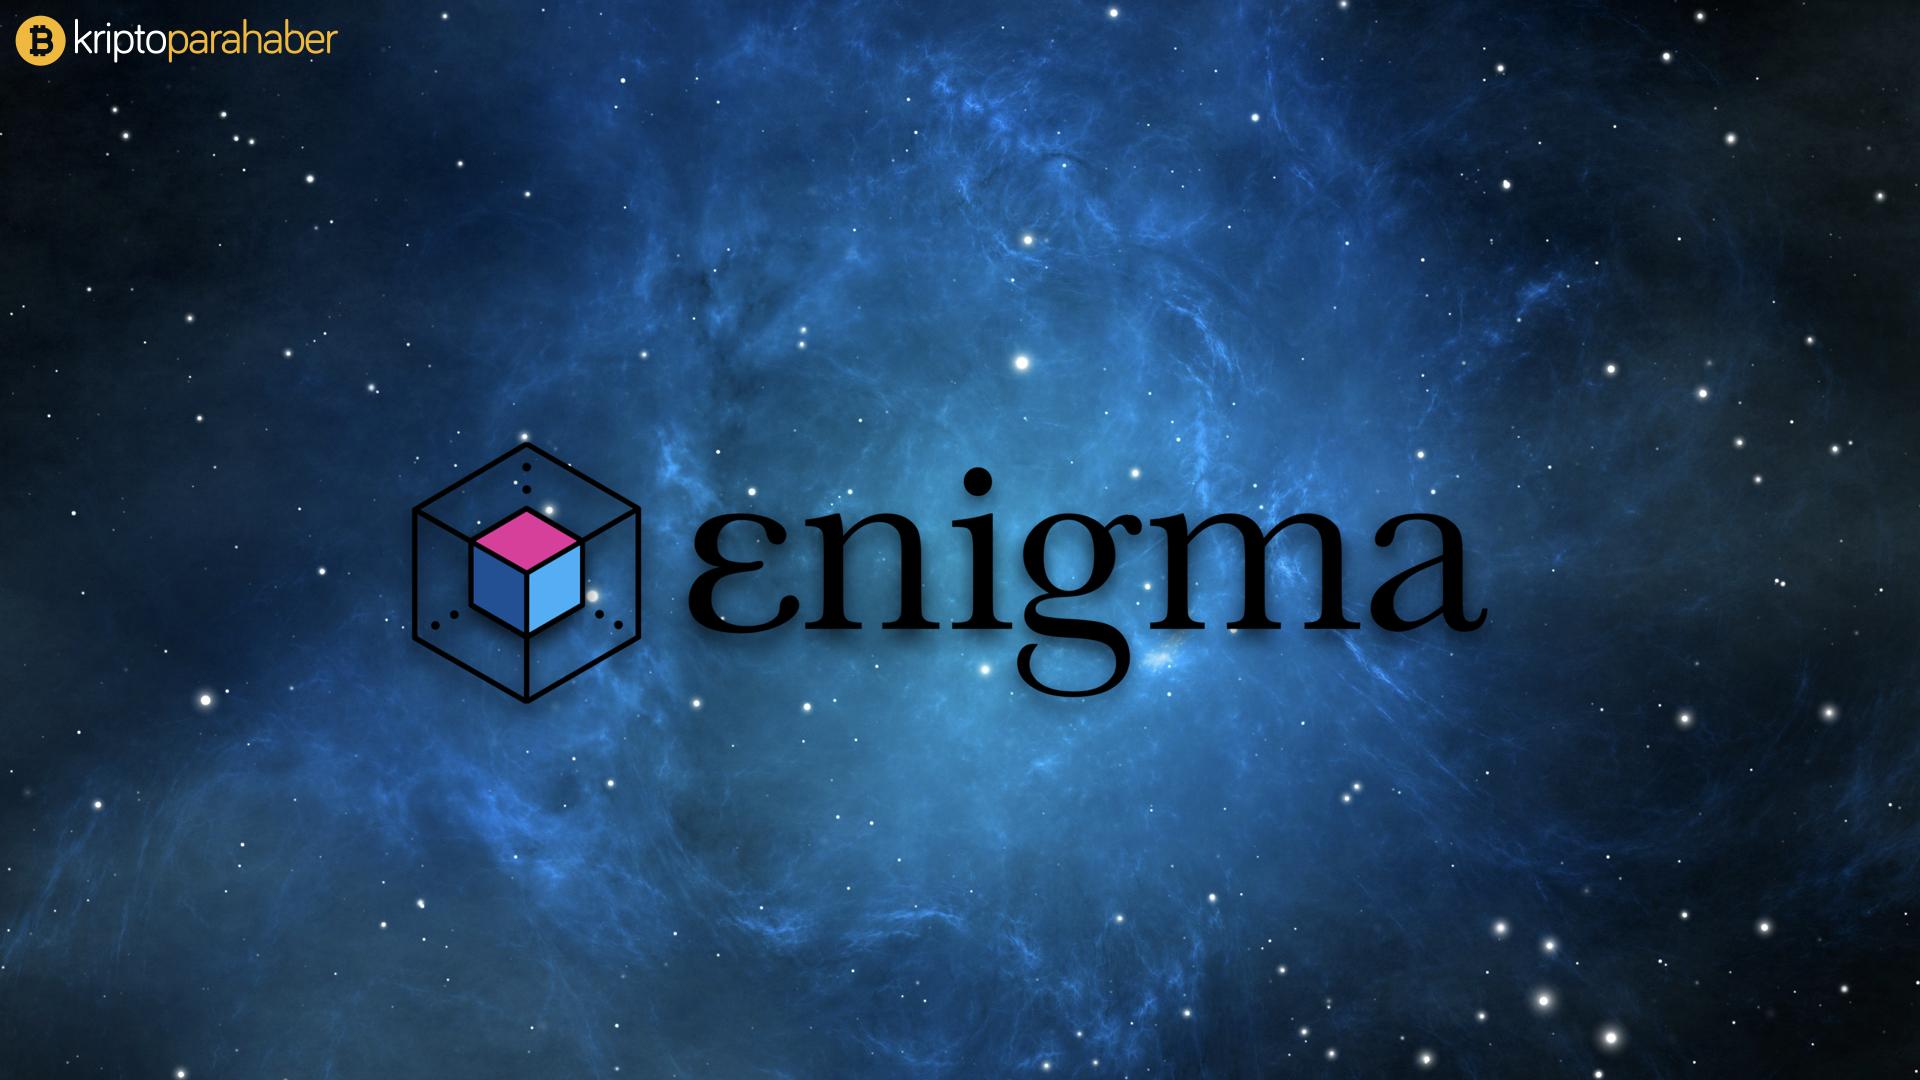 Enigma kripto para endüstrisini bir sonraki adıma taşıyabilir mi?